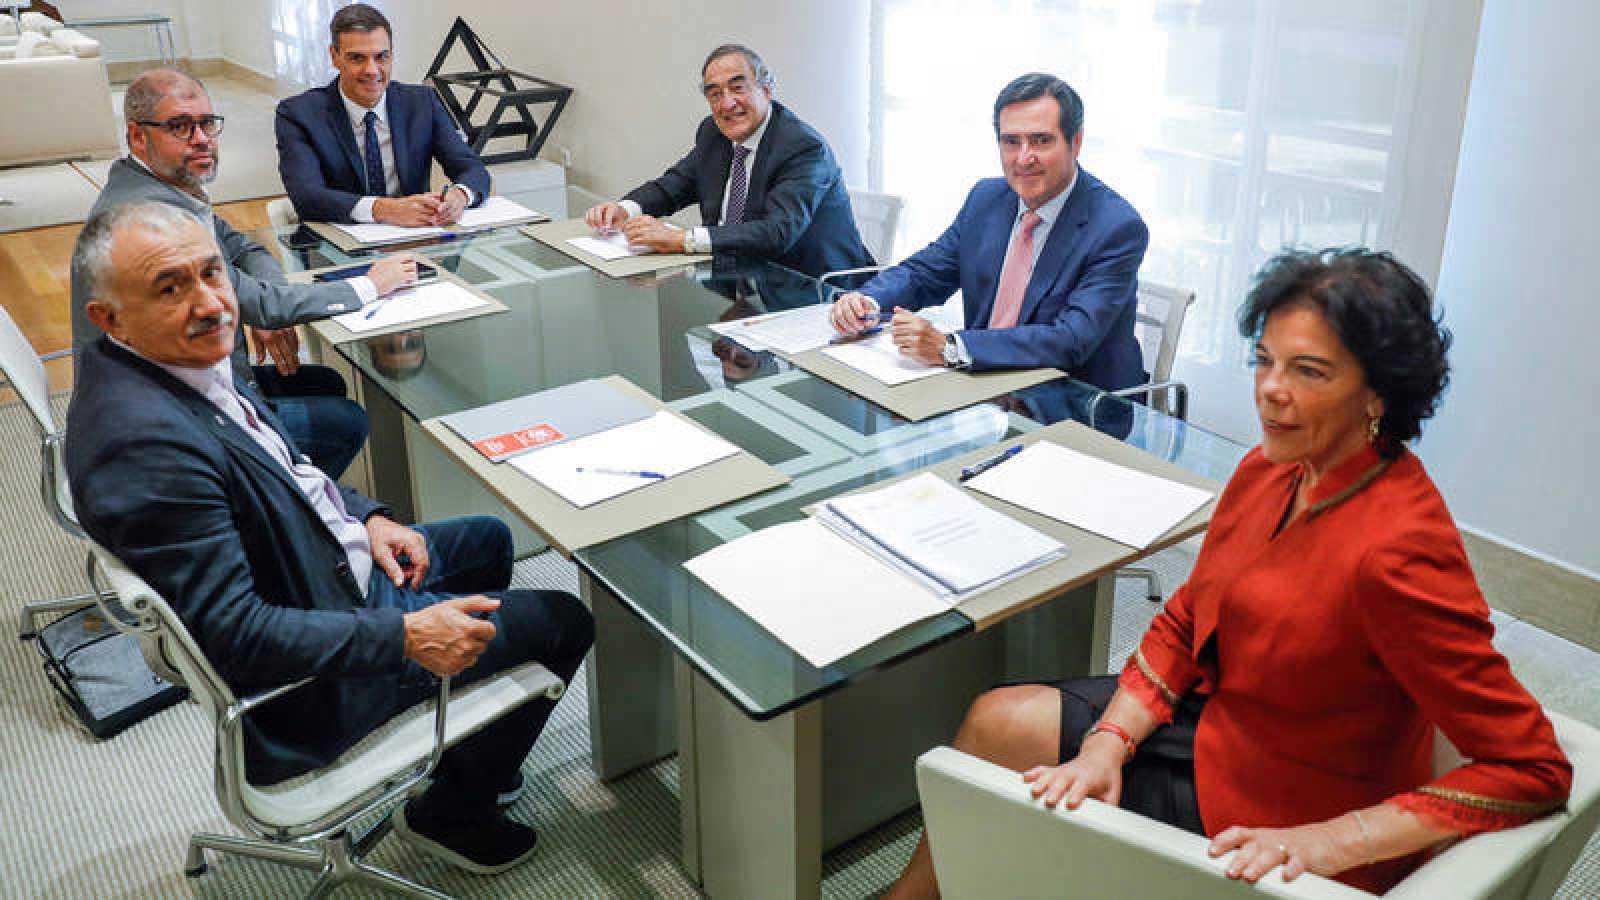 Reunión en La Moncloa sobre el futuro de la FP